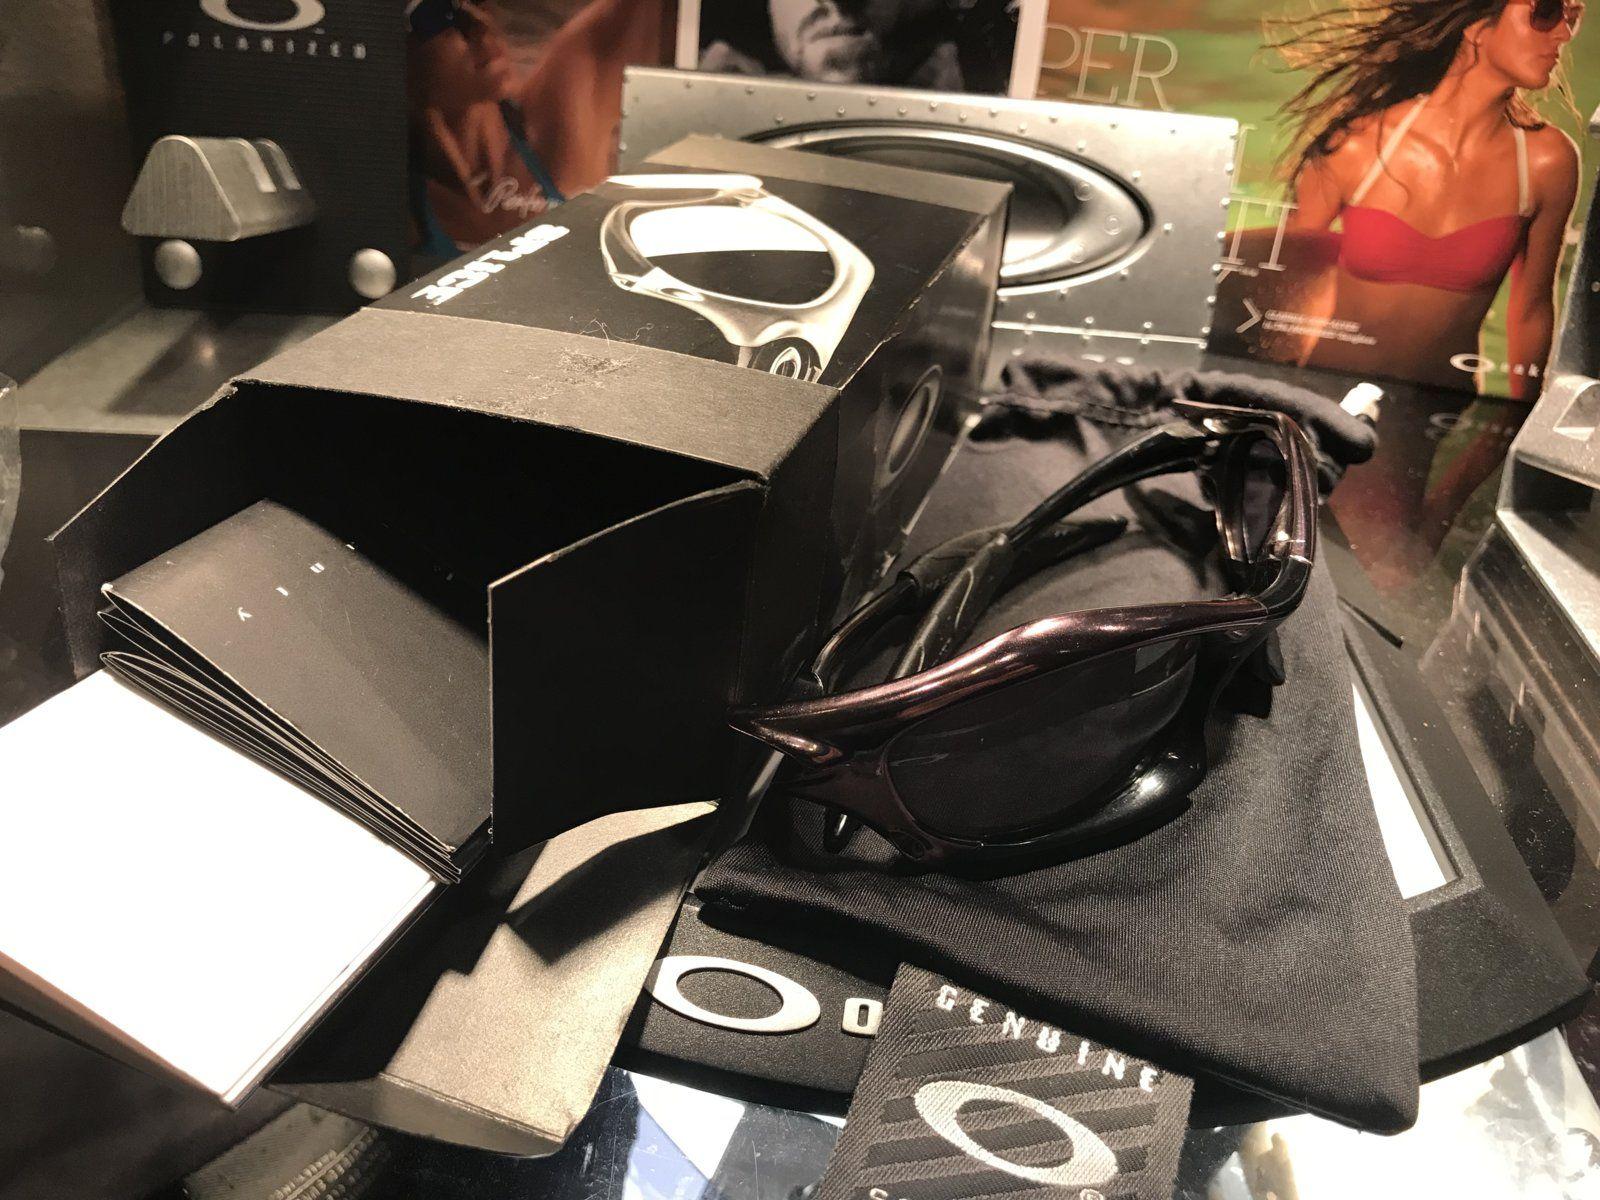 Splice black/black crome w/ black iridium - 1644D19F-073D-4666-851F-00E0865DEE3C.jpeg